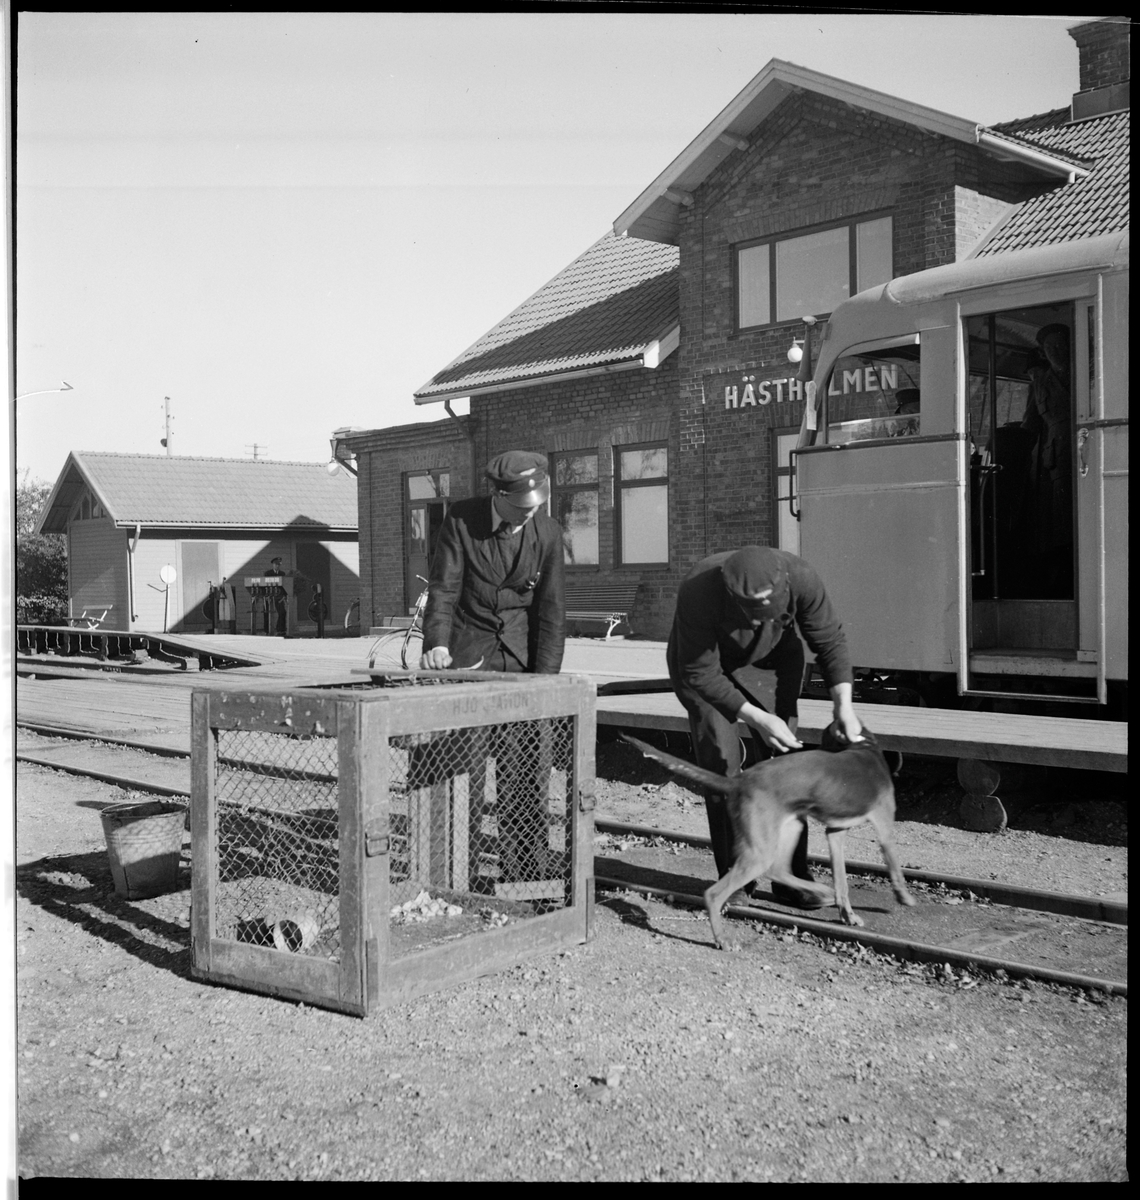 Personal med hund och bur vid Hästholmen station. Rälsbuss tillhörande Statens Järnvägar, SJ Ydo1 422.